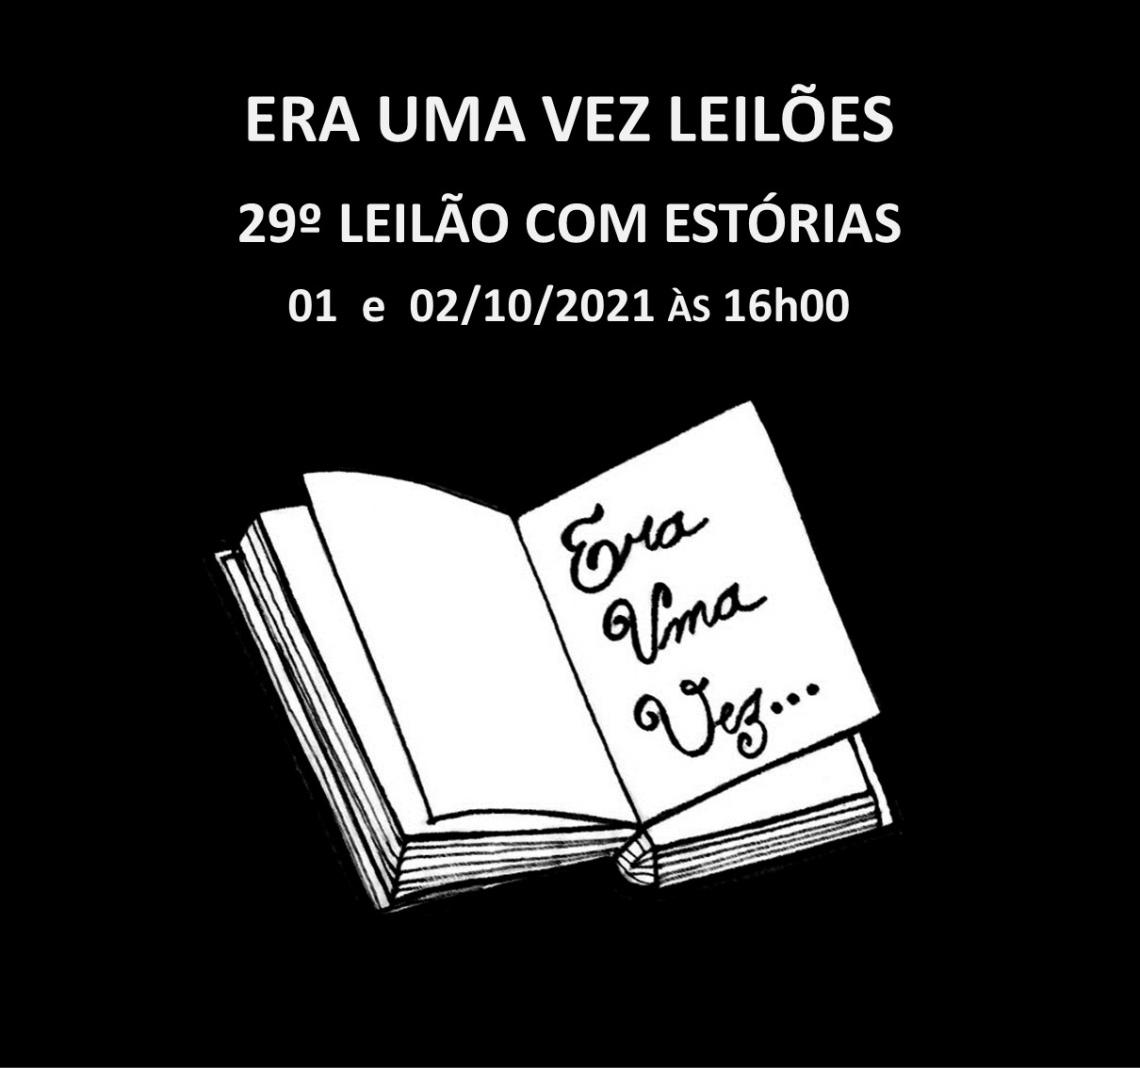 28º LEILÃO COM ESTÓRIAS - 03 e 04/09/2021 às 16h00